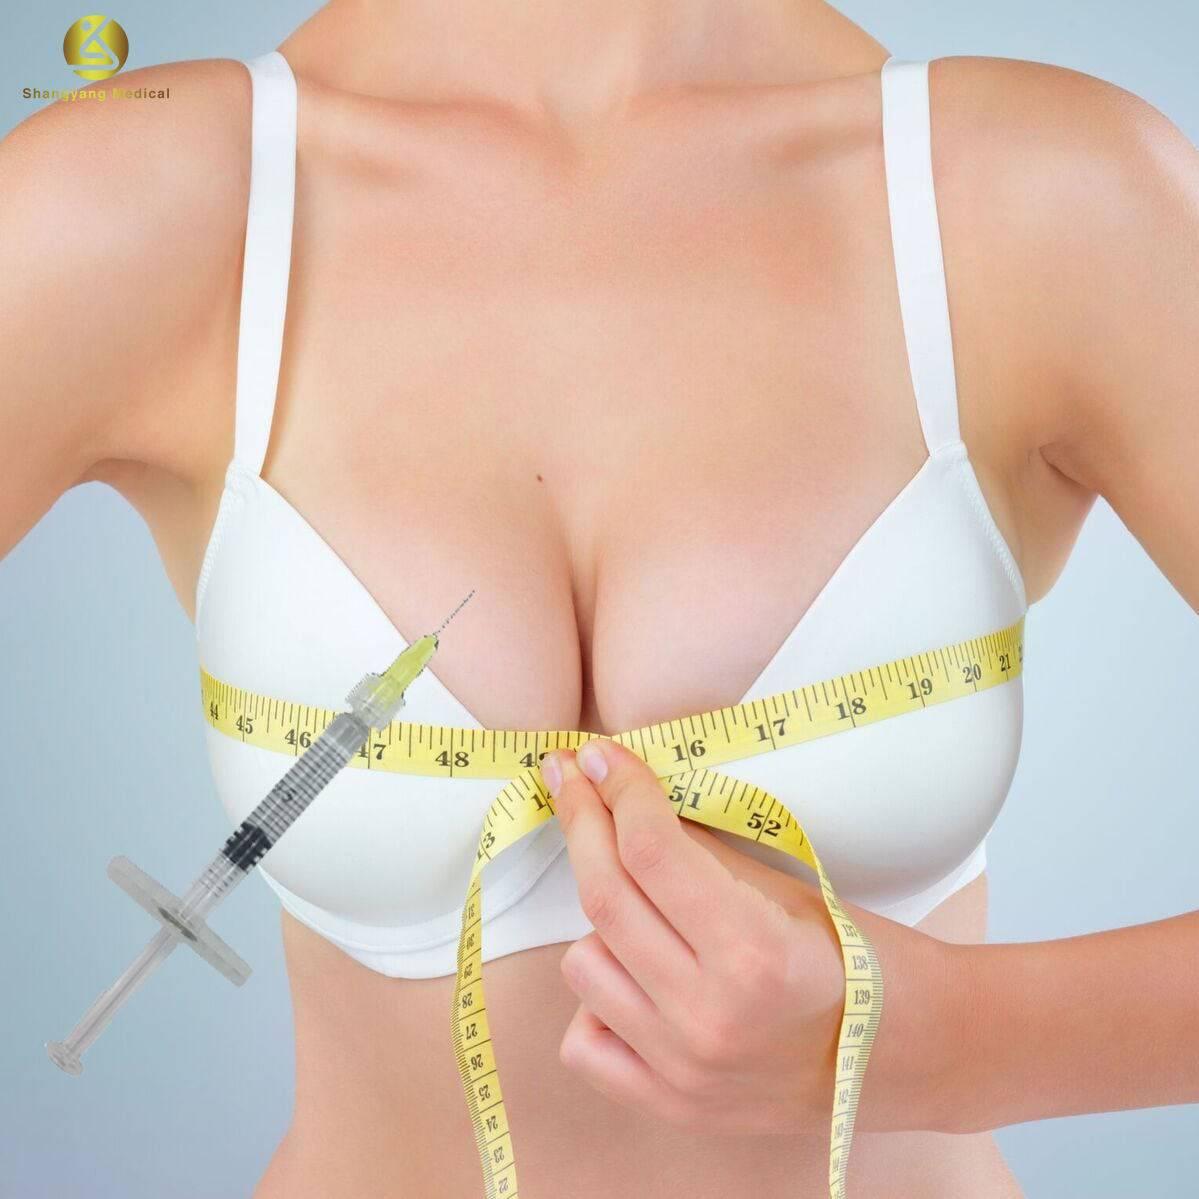 Что такое филлеры, куда и как их вводят? применение для увеличения груди, коррекции лица и других зон